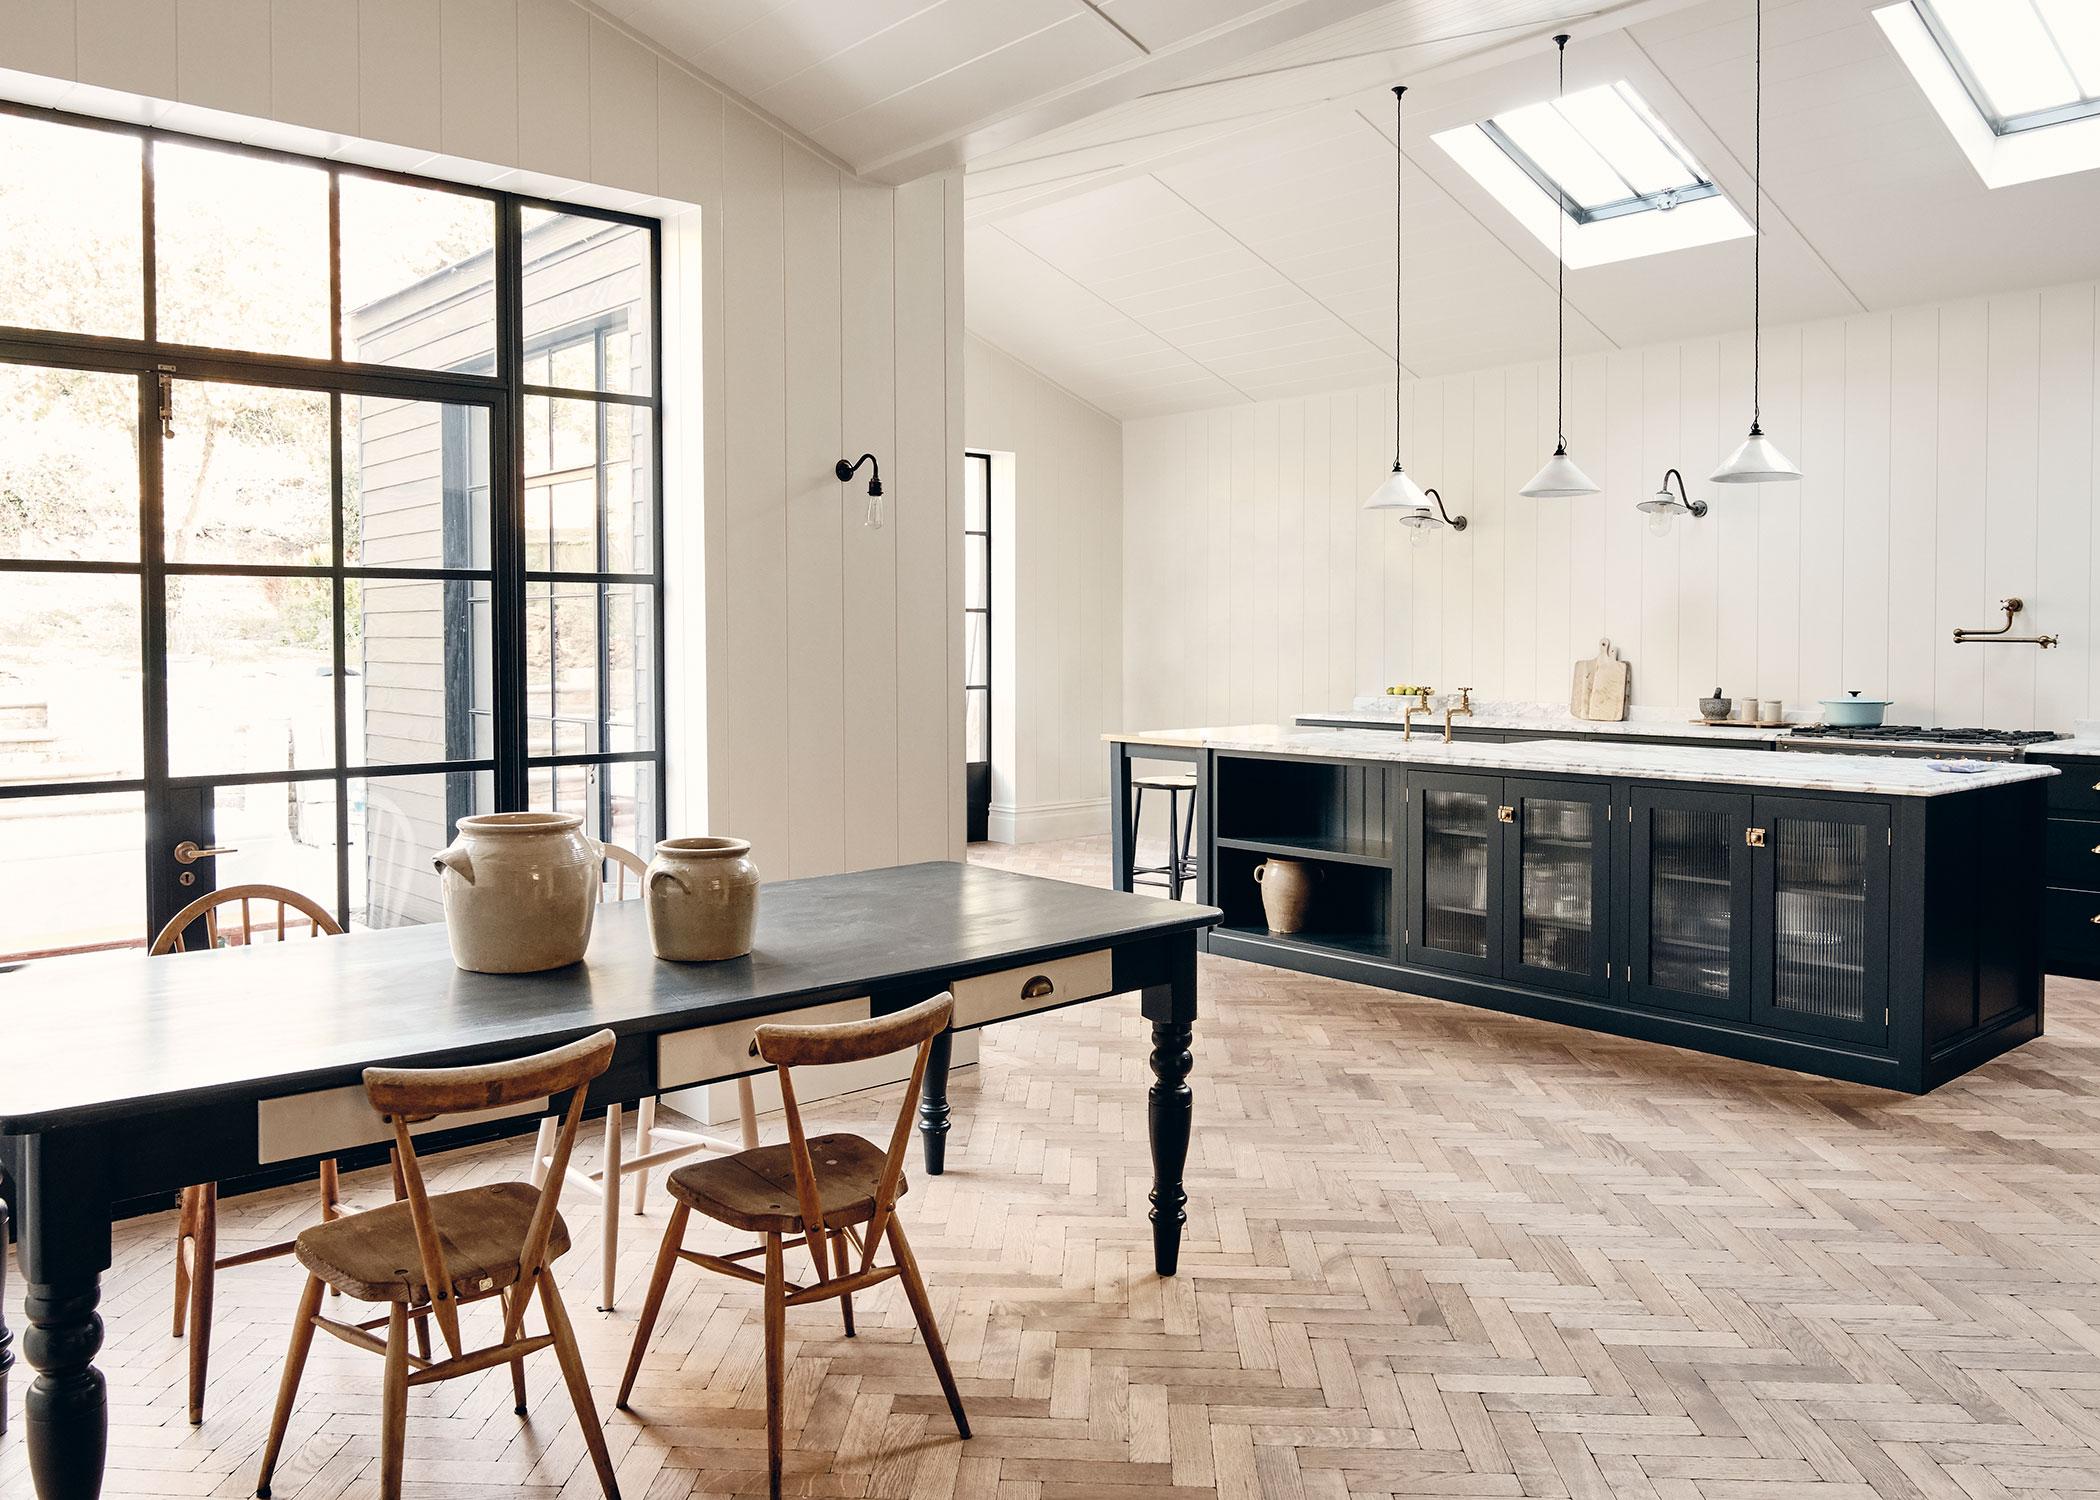 Mid-century modern kitchen design by Rock + Poppins